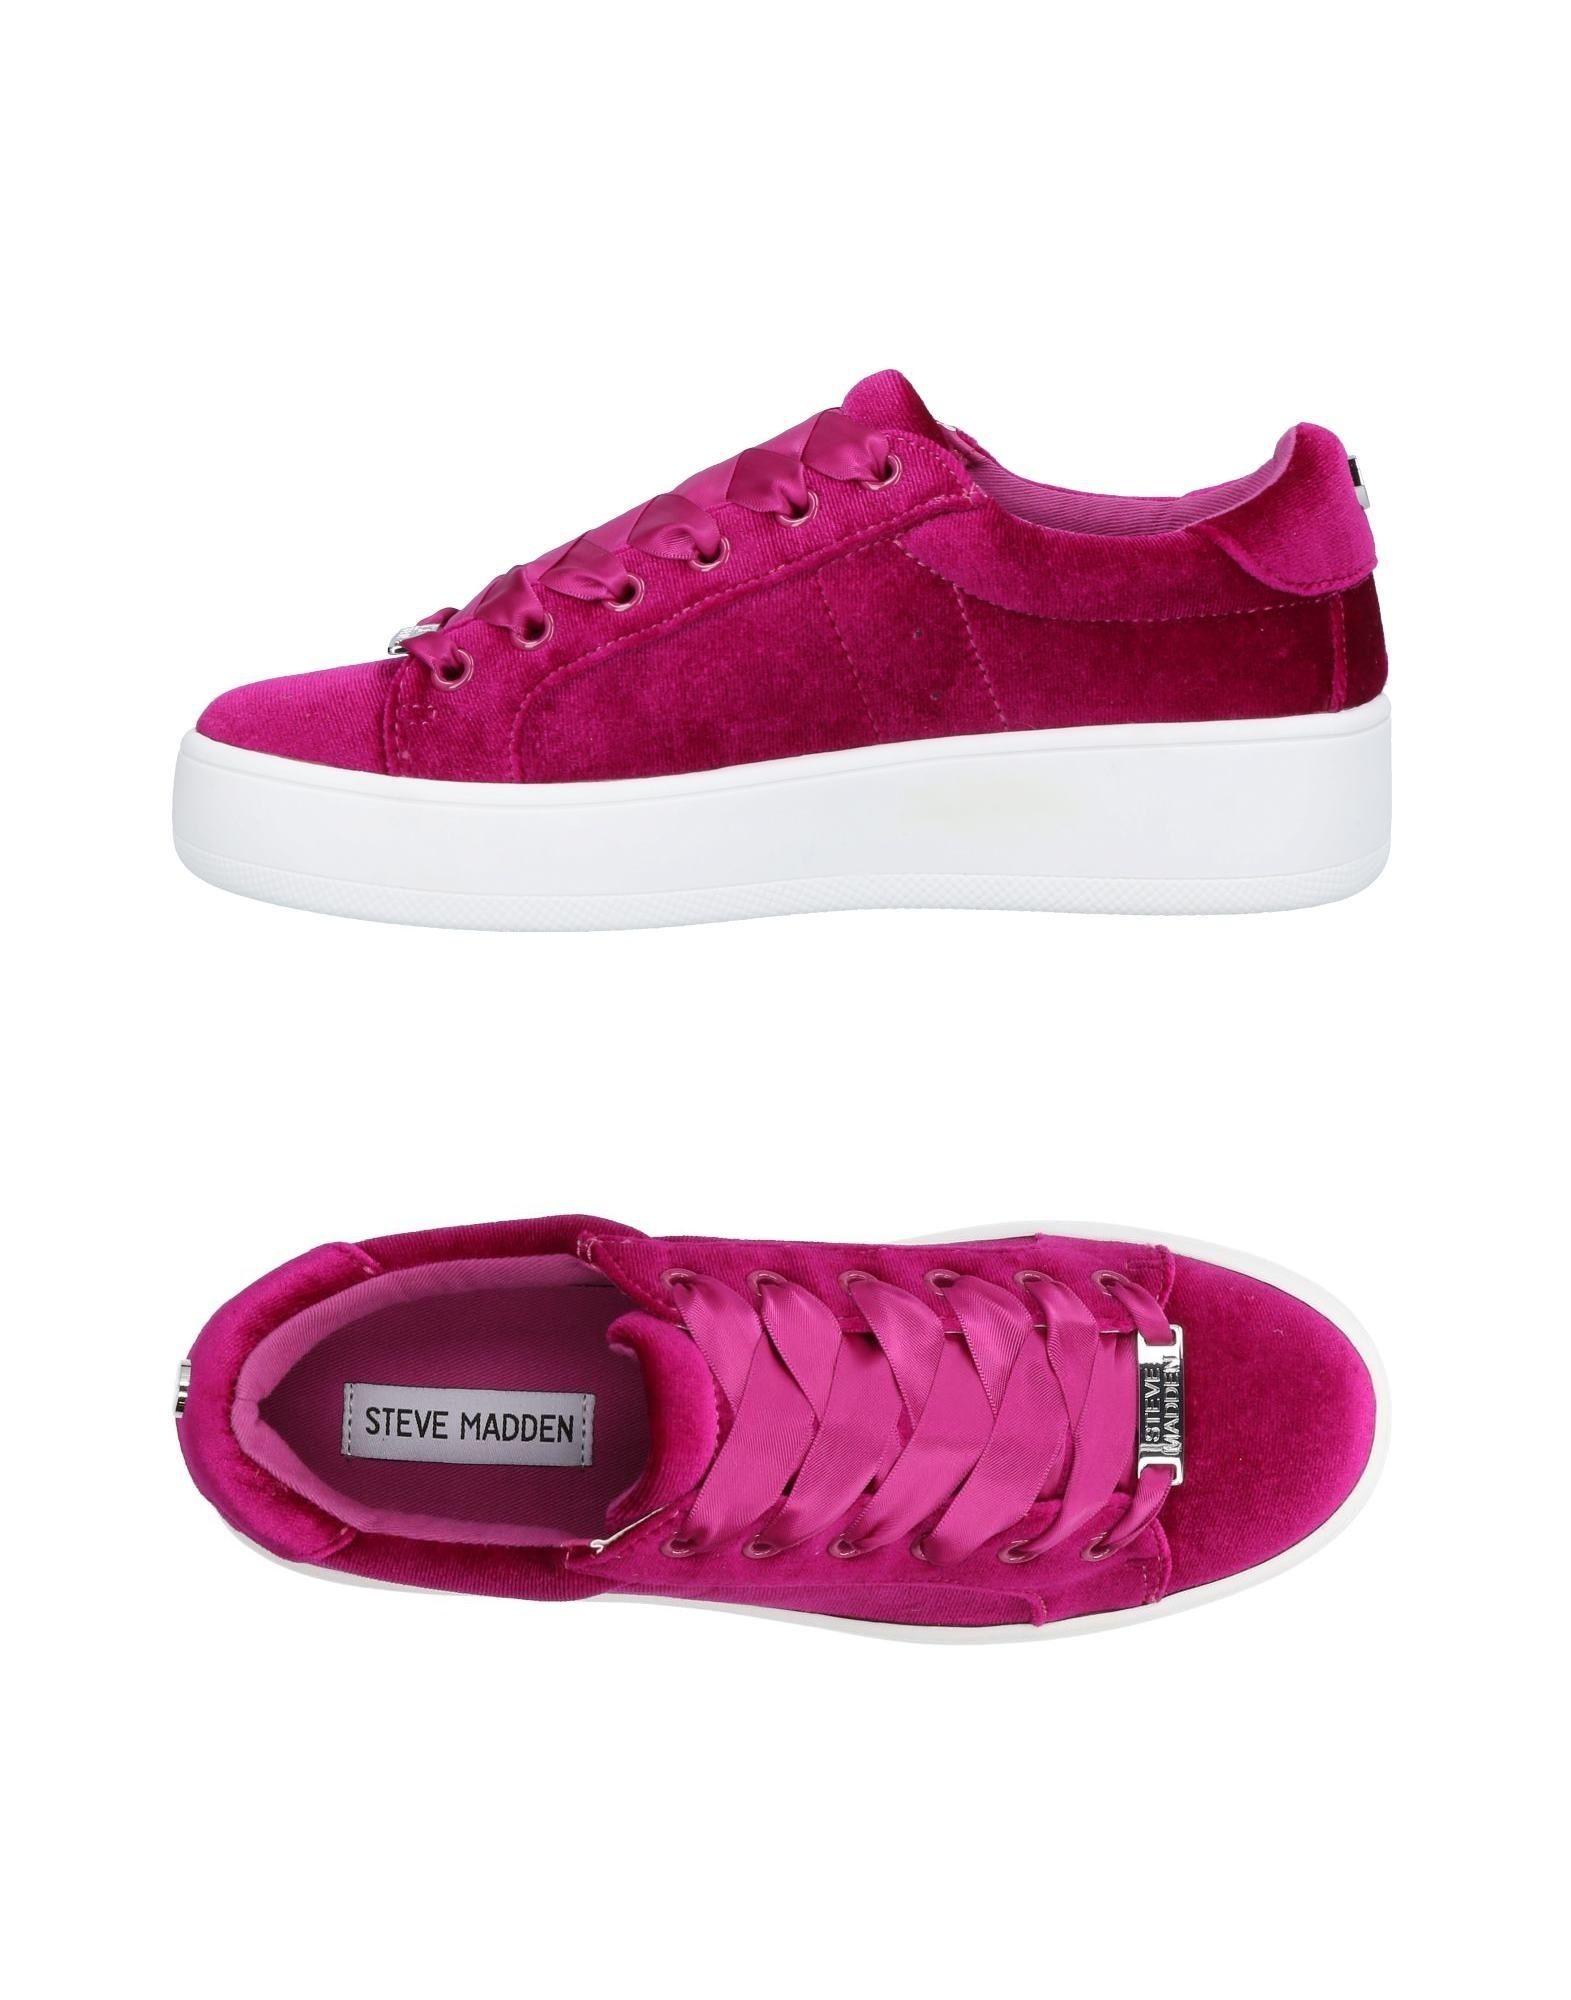 Steve Madden Sneakers Damen  11469841JA Gute Qualität beliebte Schuhe